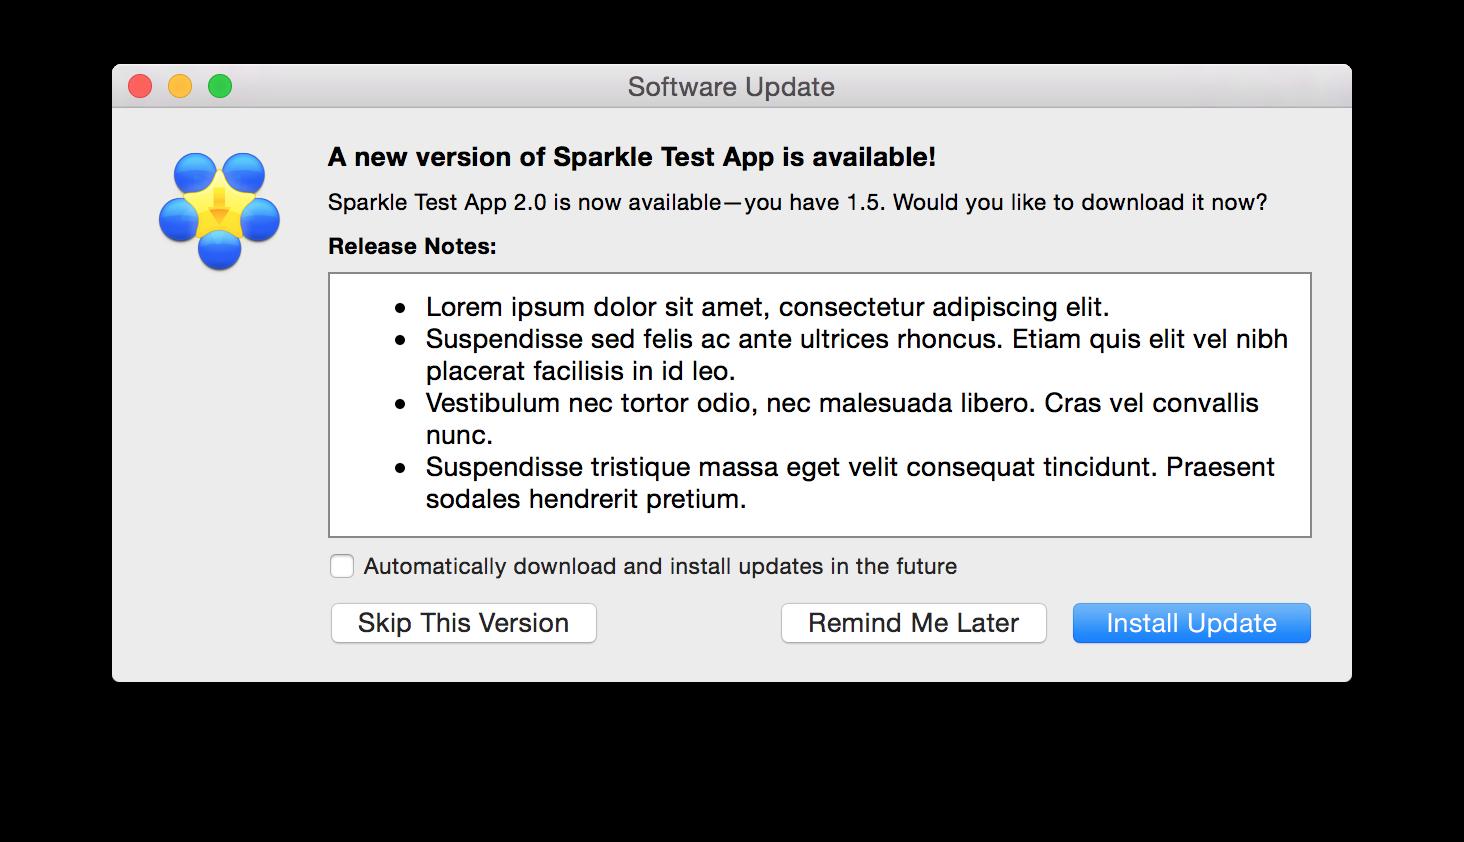 Sparkle update window